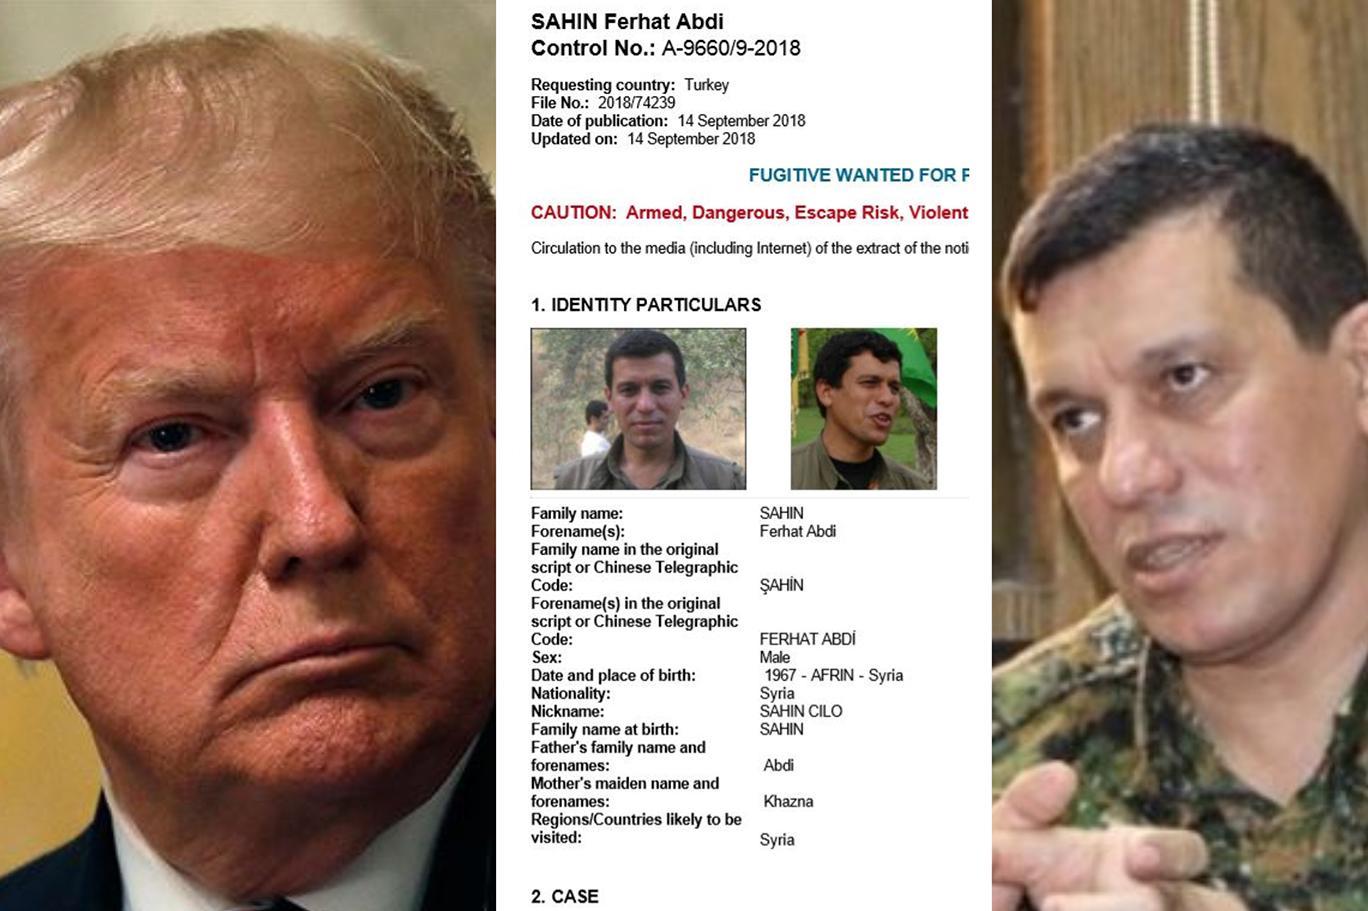 """Trump'ın """"General Mazlum"""" dediği Şahin Cilo için çıkarılan kırmızı bültenin ayrıntıları: Dışişleri nota verdi   Independent Türkçe"""